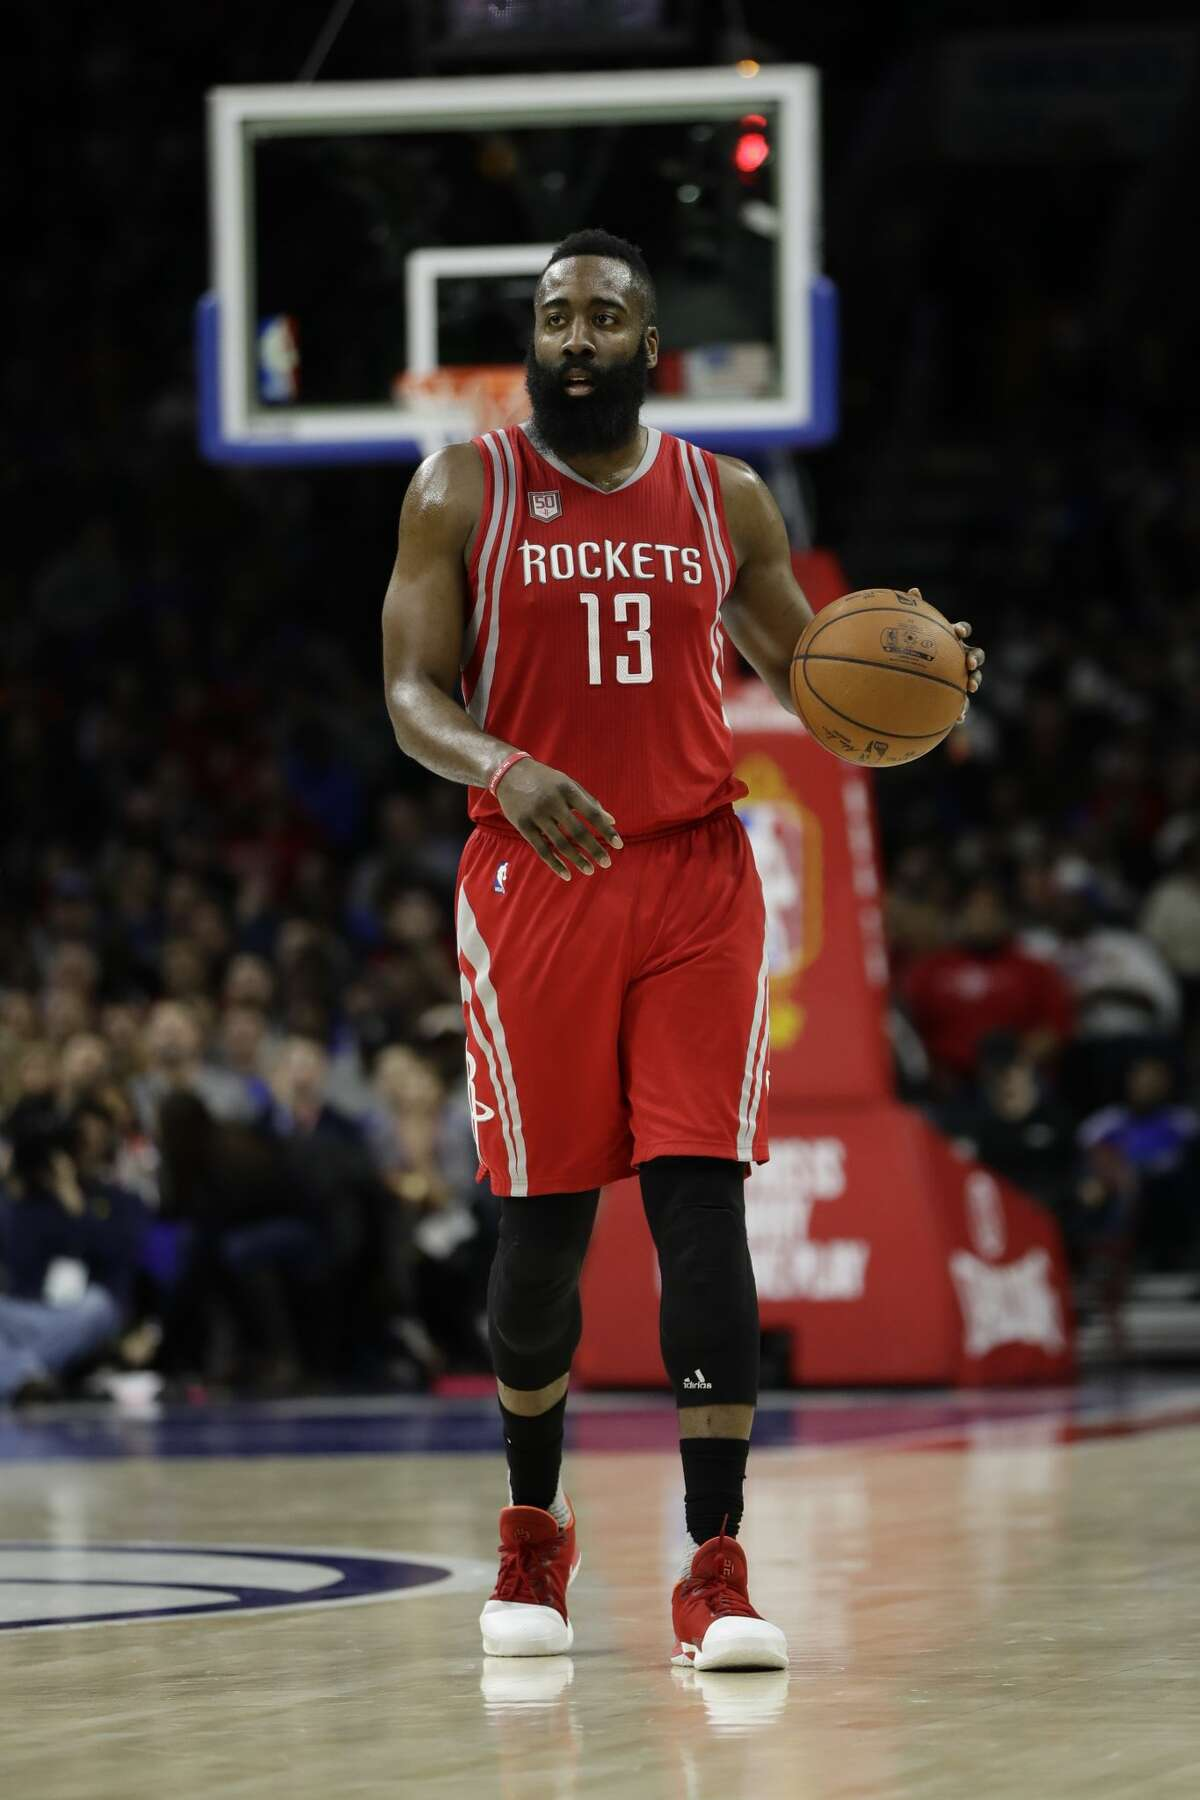 Houston Rockets' James Harden in action during an NBA basketball game against the Philadelphia 76ers, Friday, Jan. 27, 2017, in Philadelphia. (AP Photo/Matt Slocum)